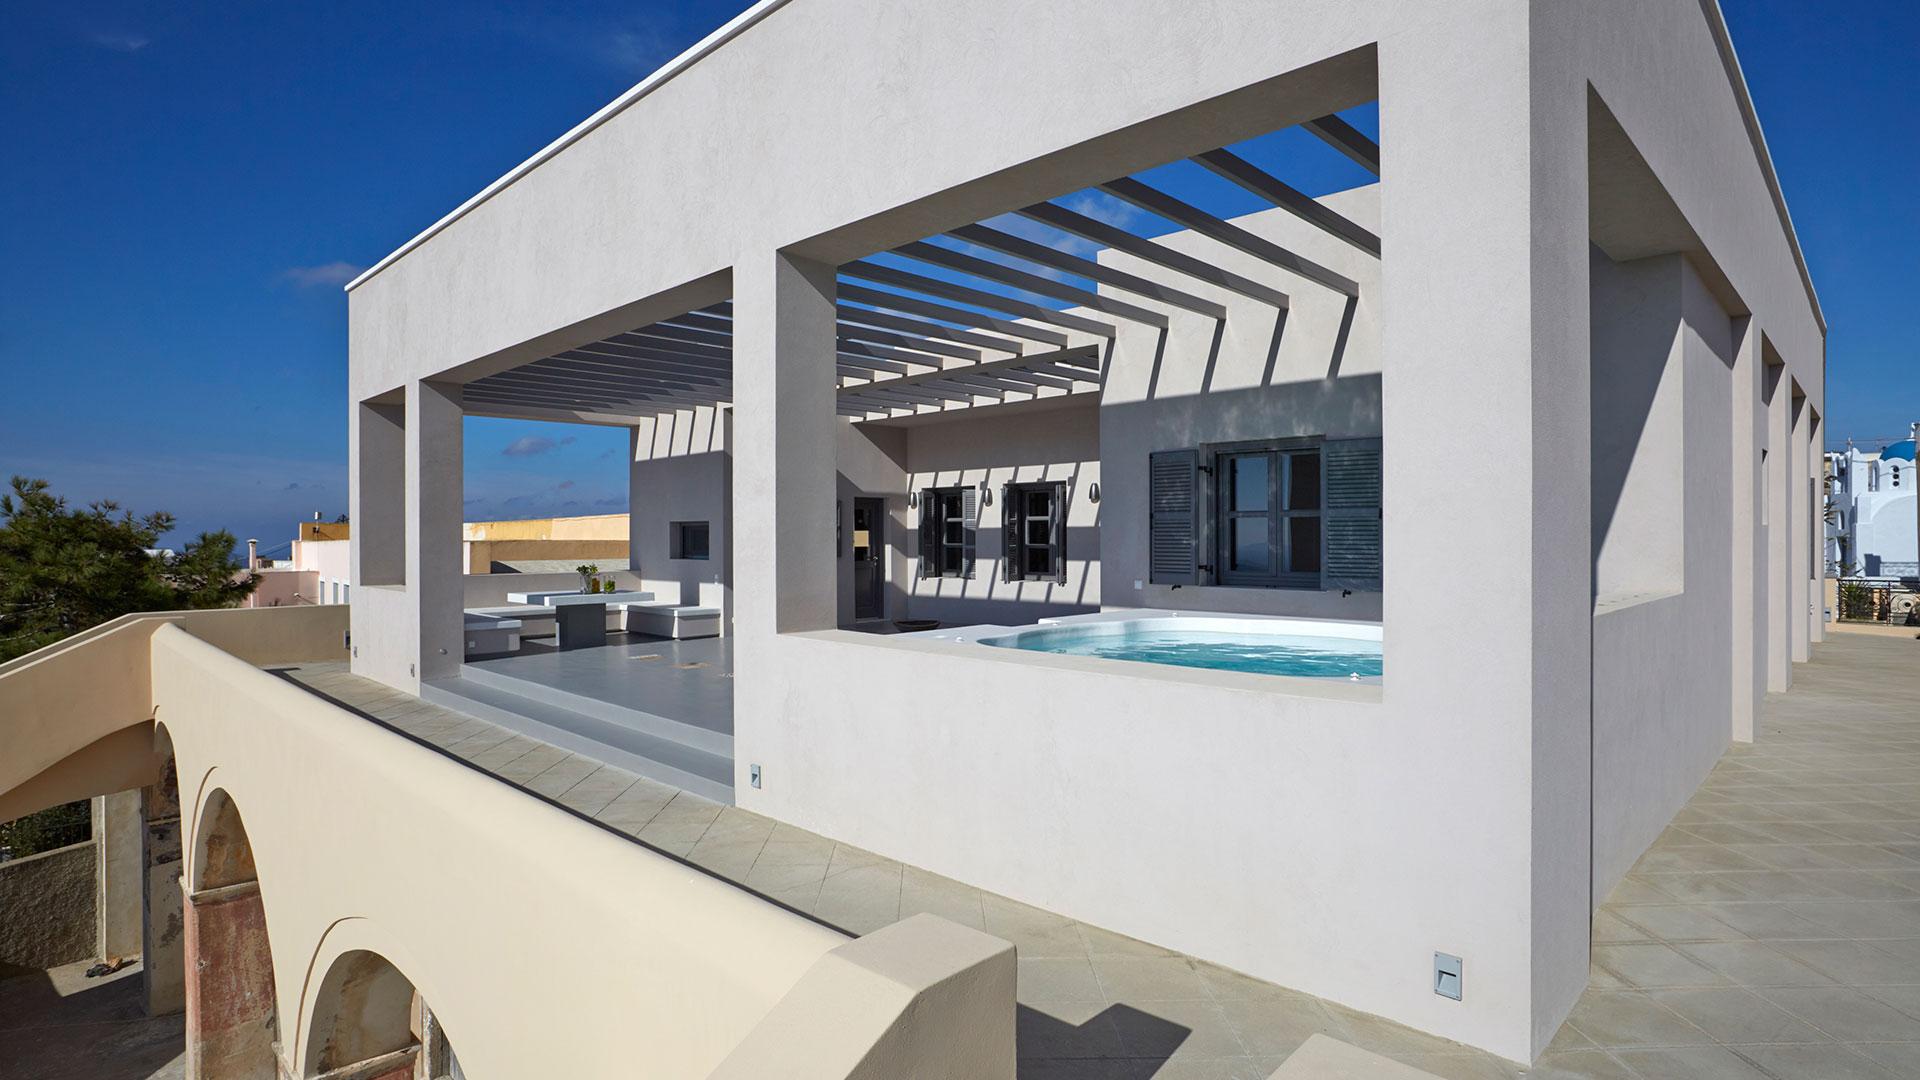 SANTORINI - SOGGIORNO - Santorini accommodation, studios, rooms, pension and apartments